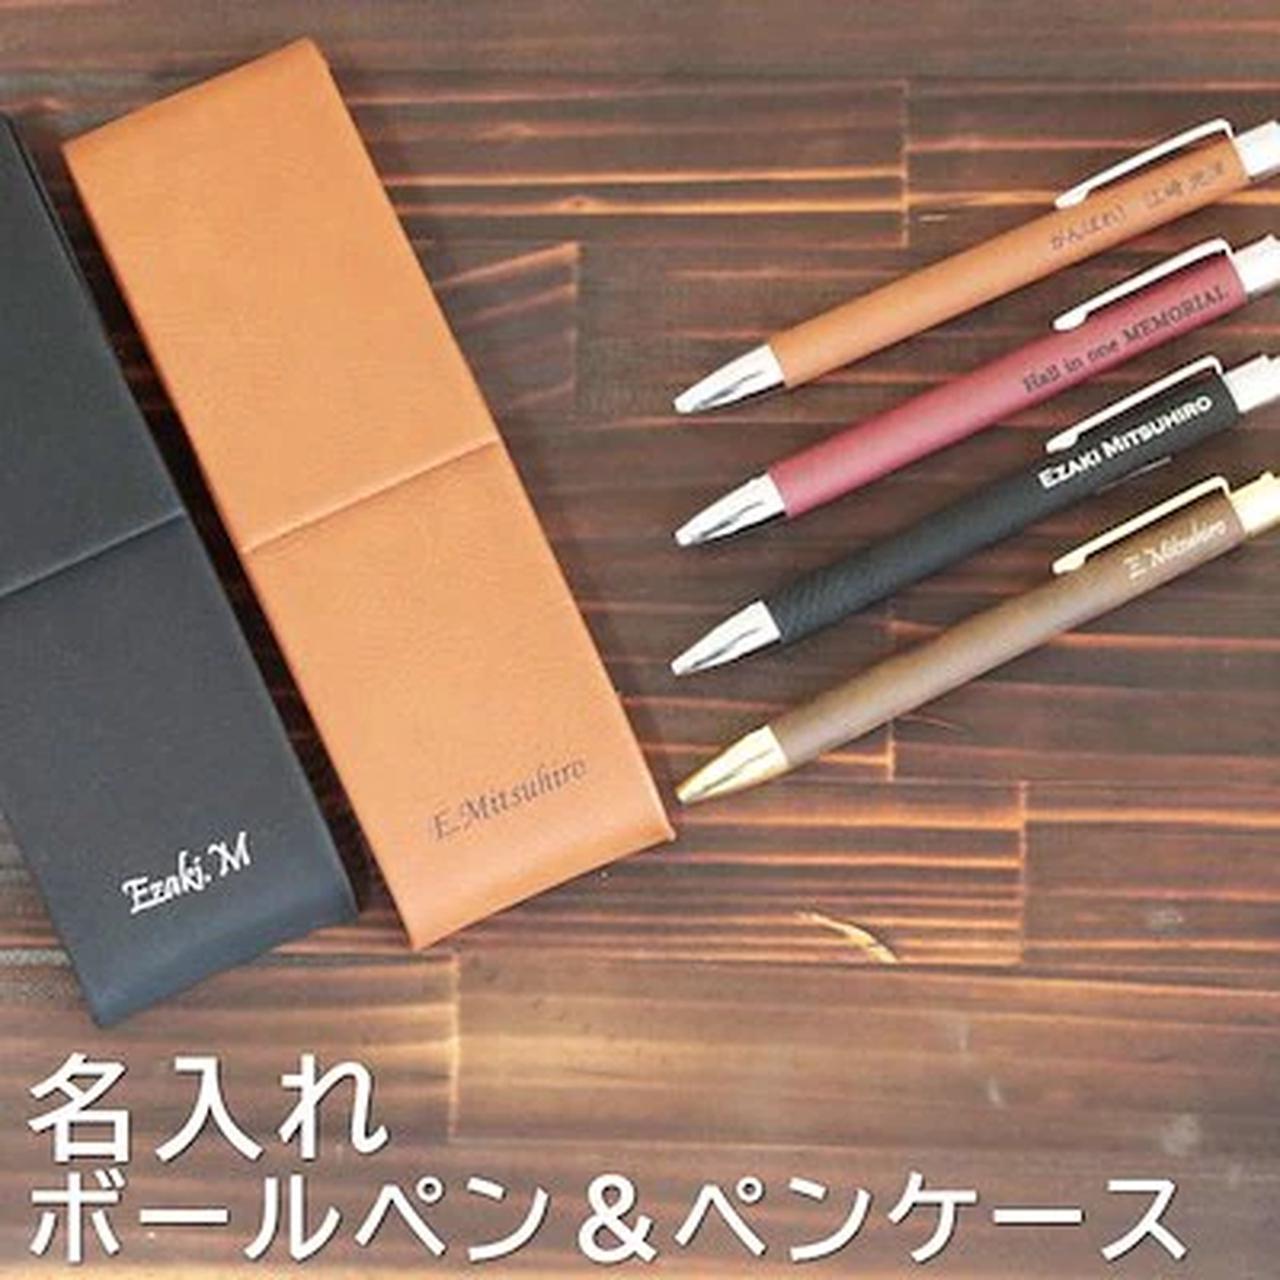 画像: 名入れボールペン&レザー張りペンケース